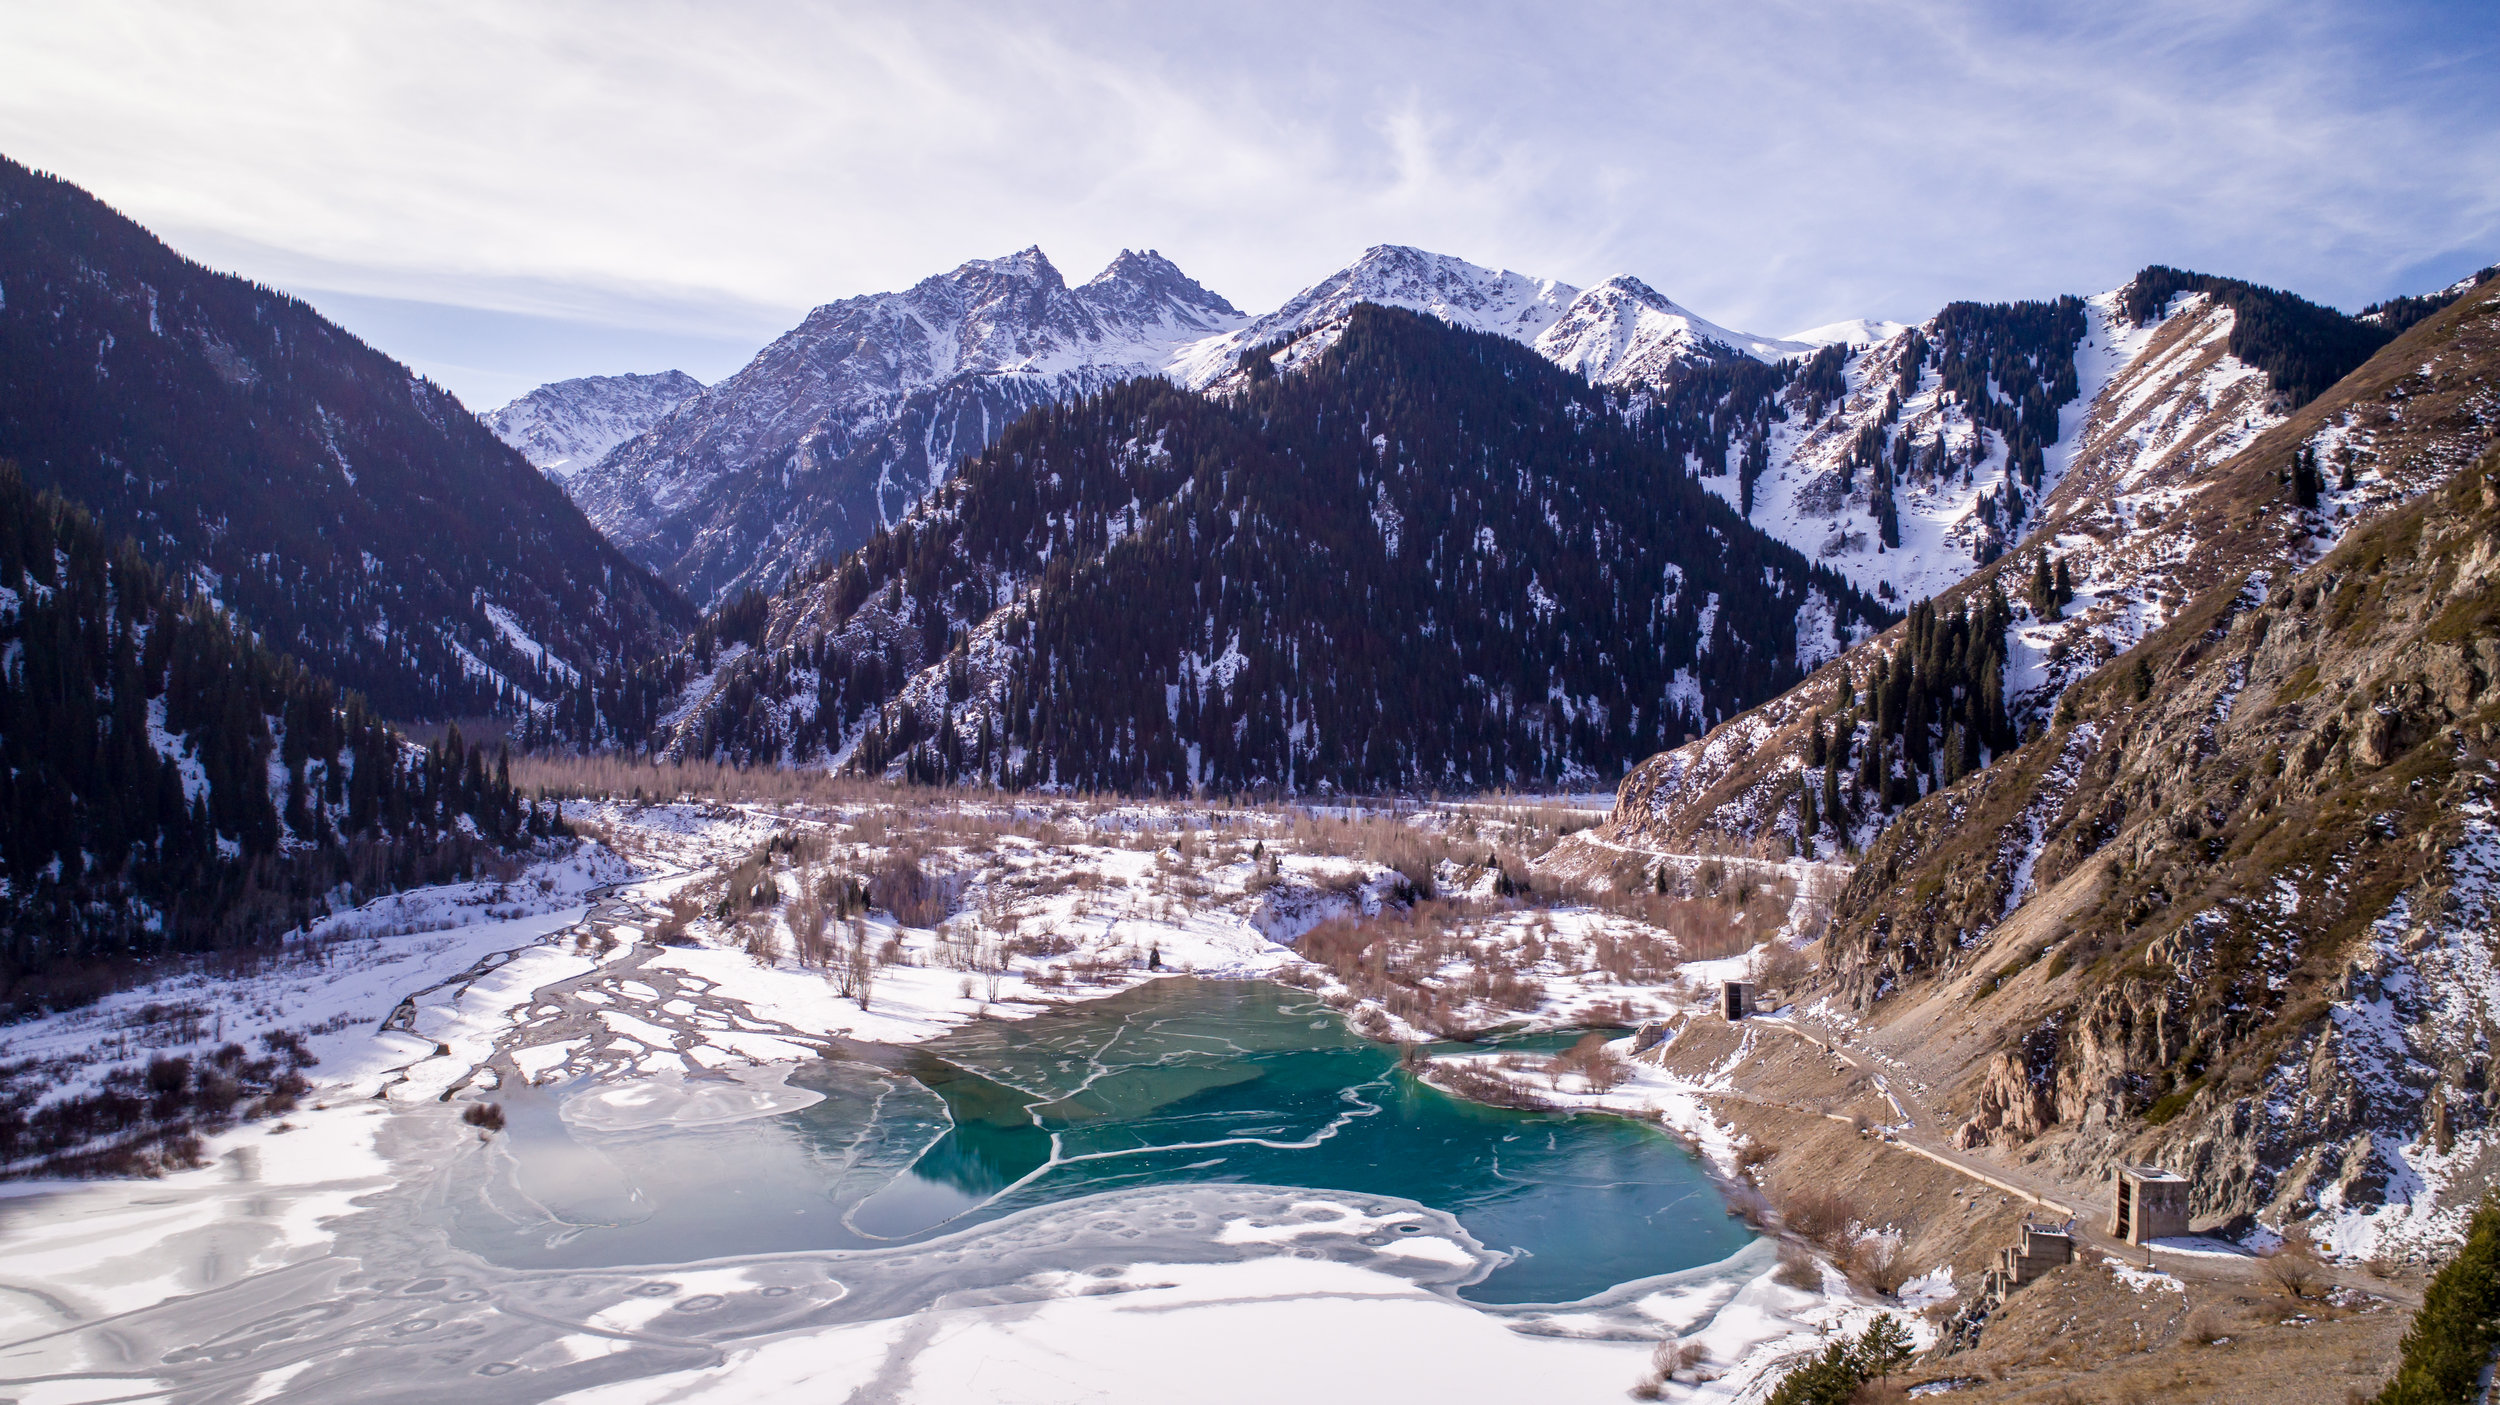 Lake Issyk, taken with Phantom 4 Pro